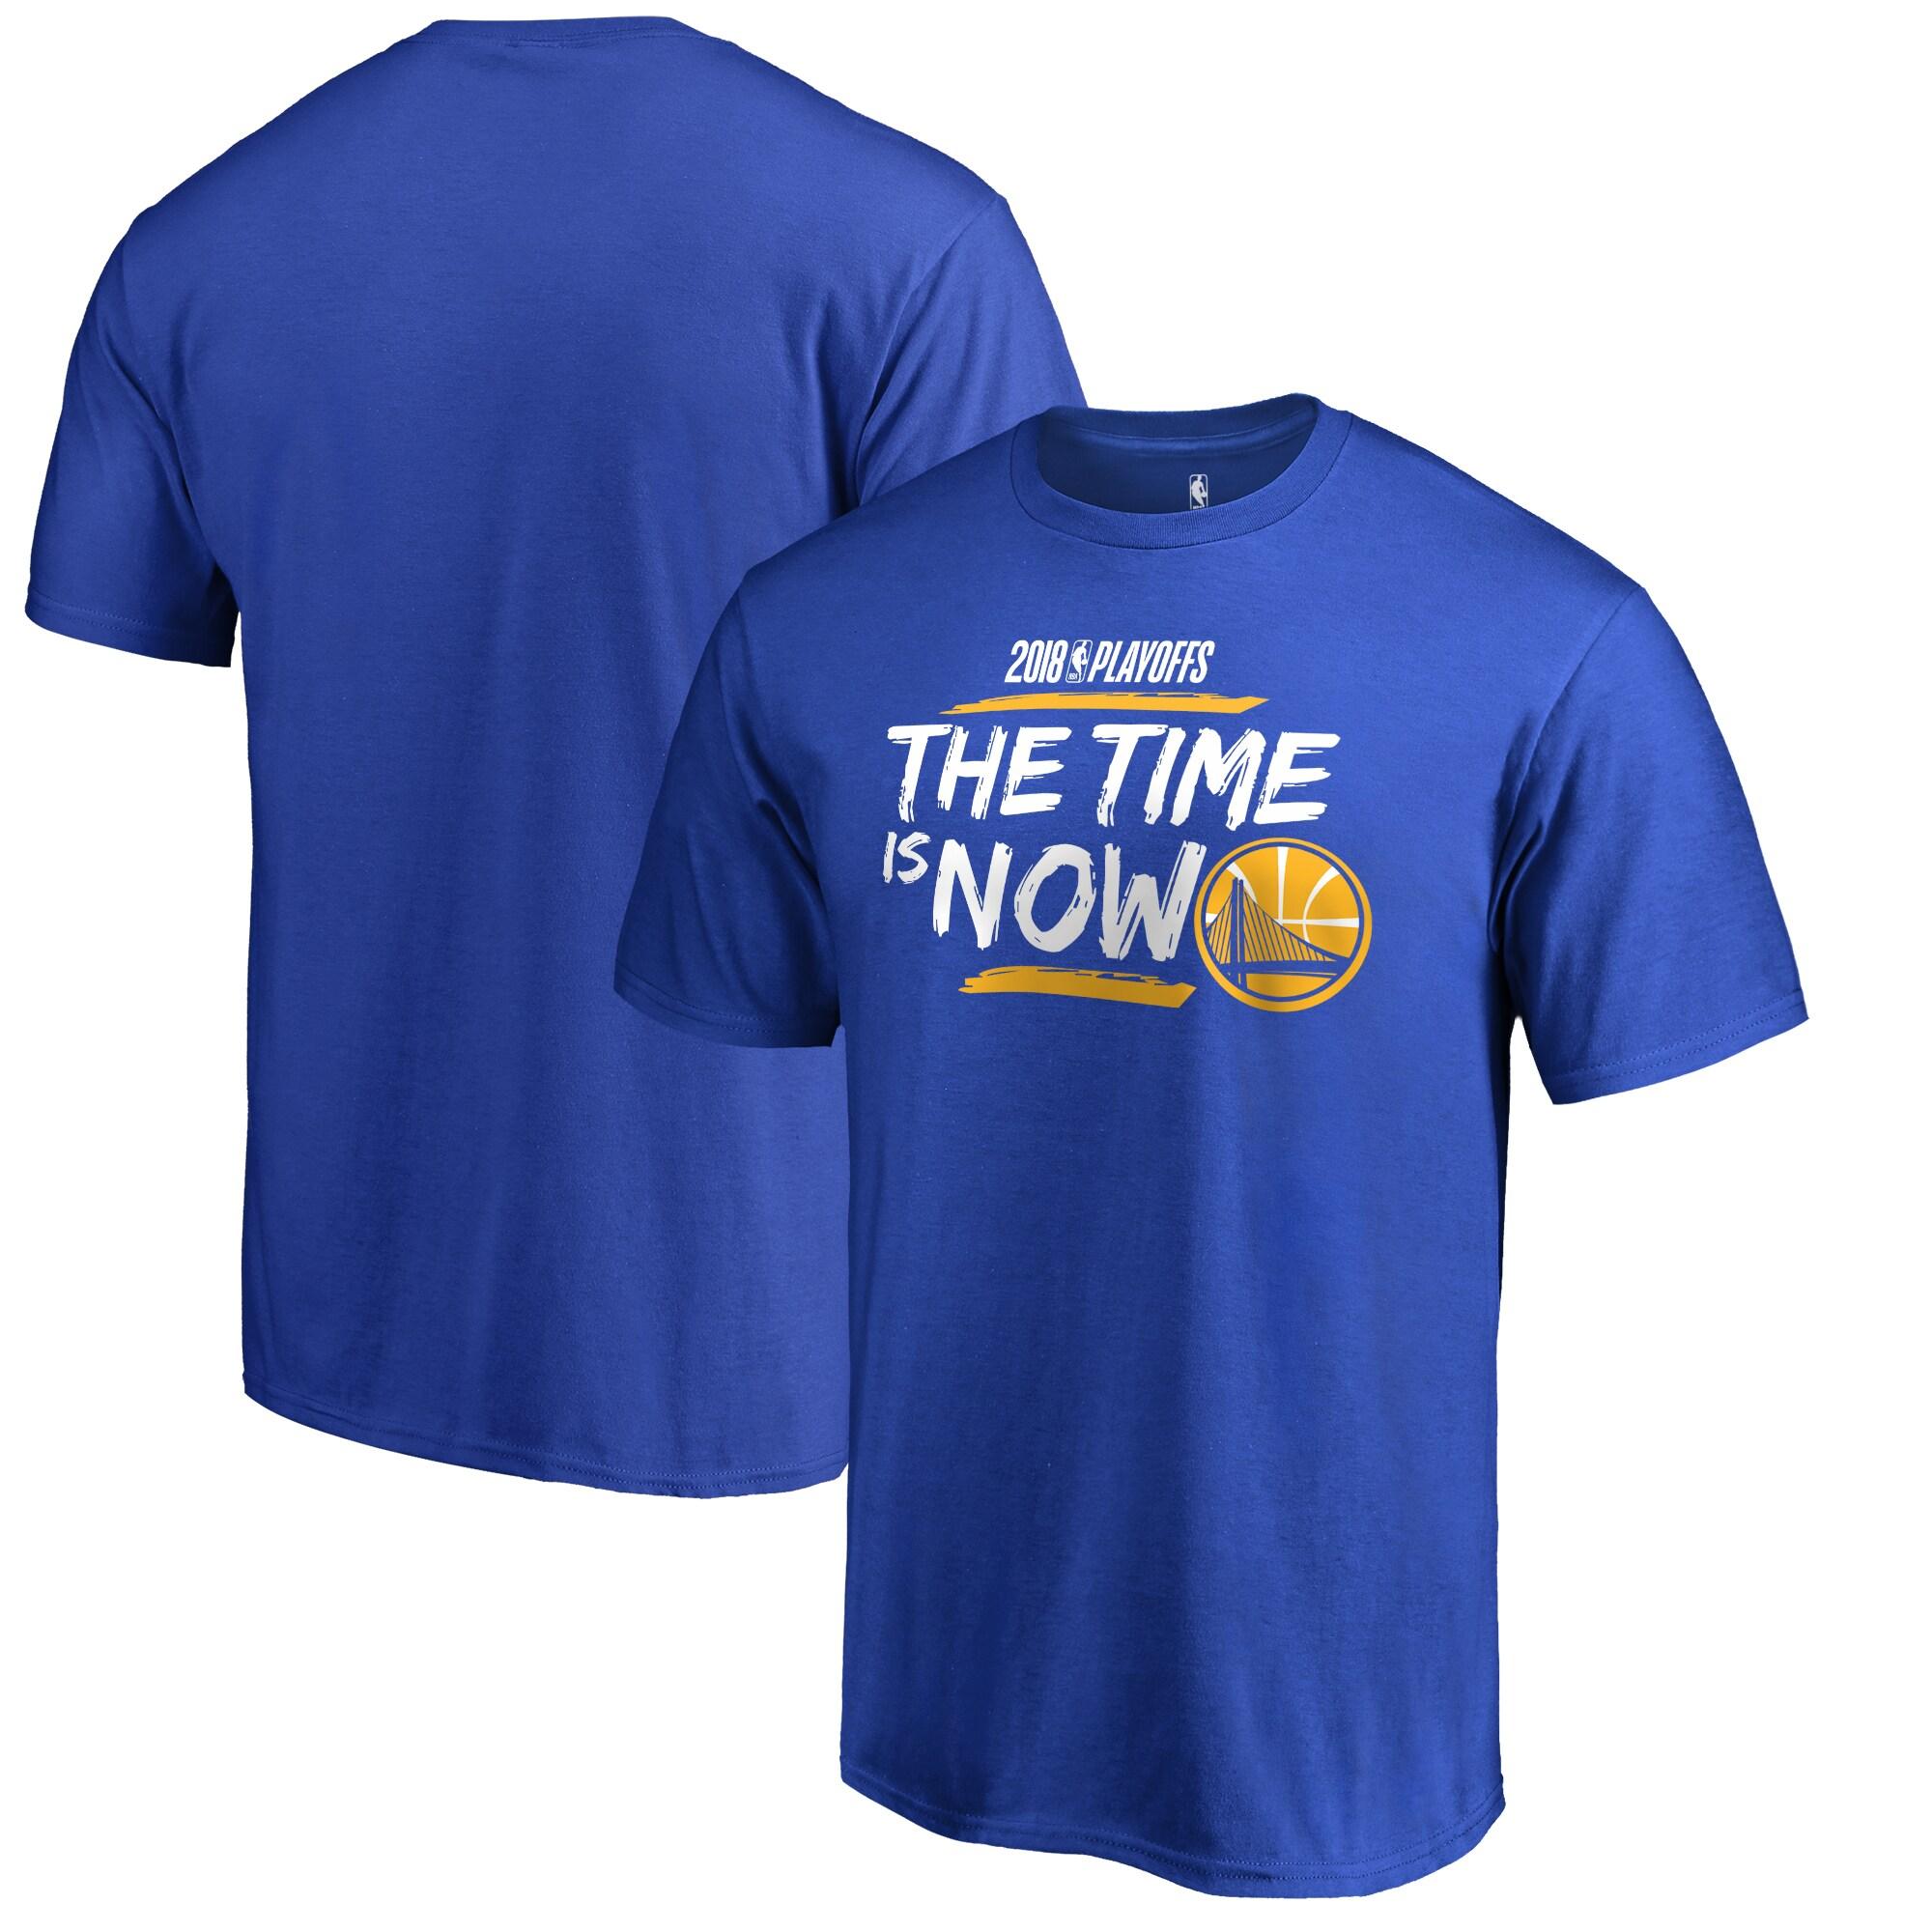 Golden State Warriors Fanatics Branded 2018 NBA Playoffs Bet Slogan T-Shirt - Royal